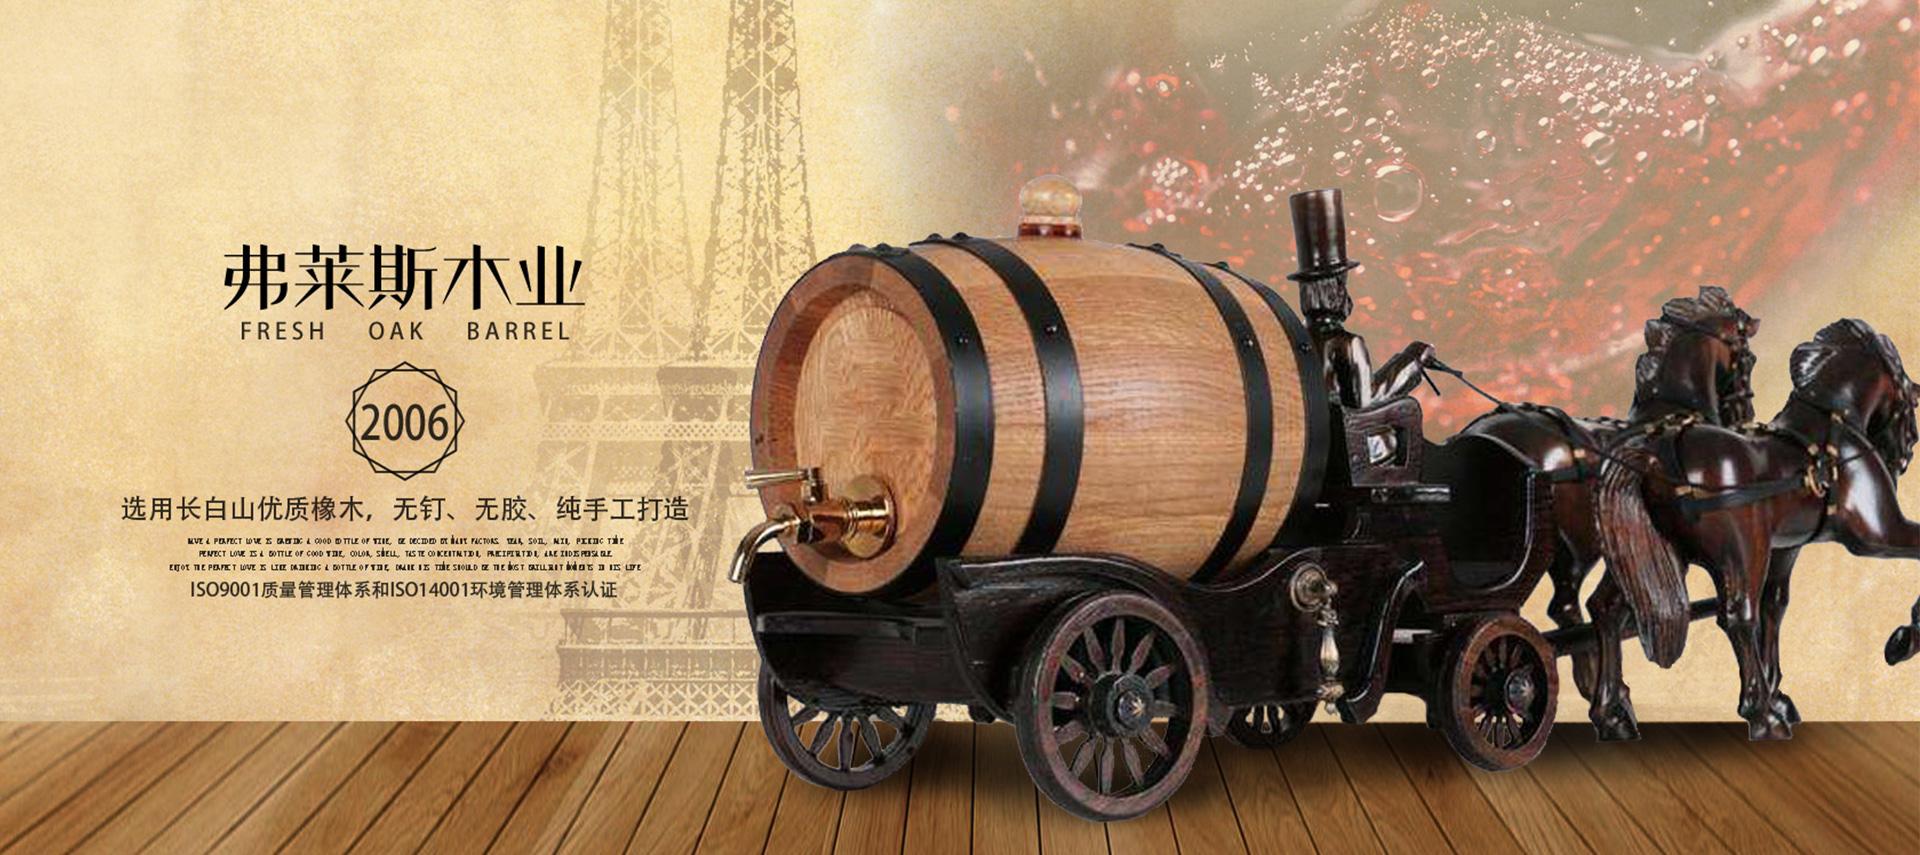 橡木桶厂家,木制酒桶